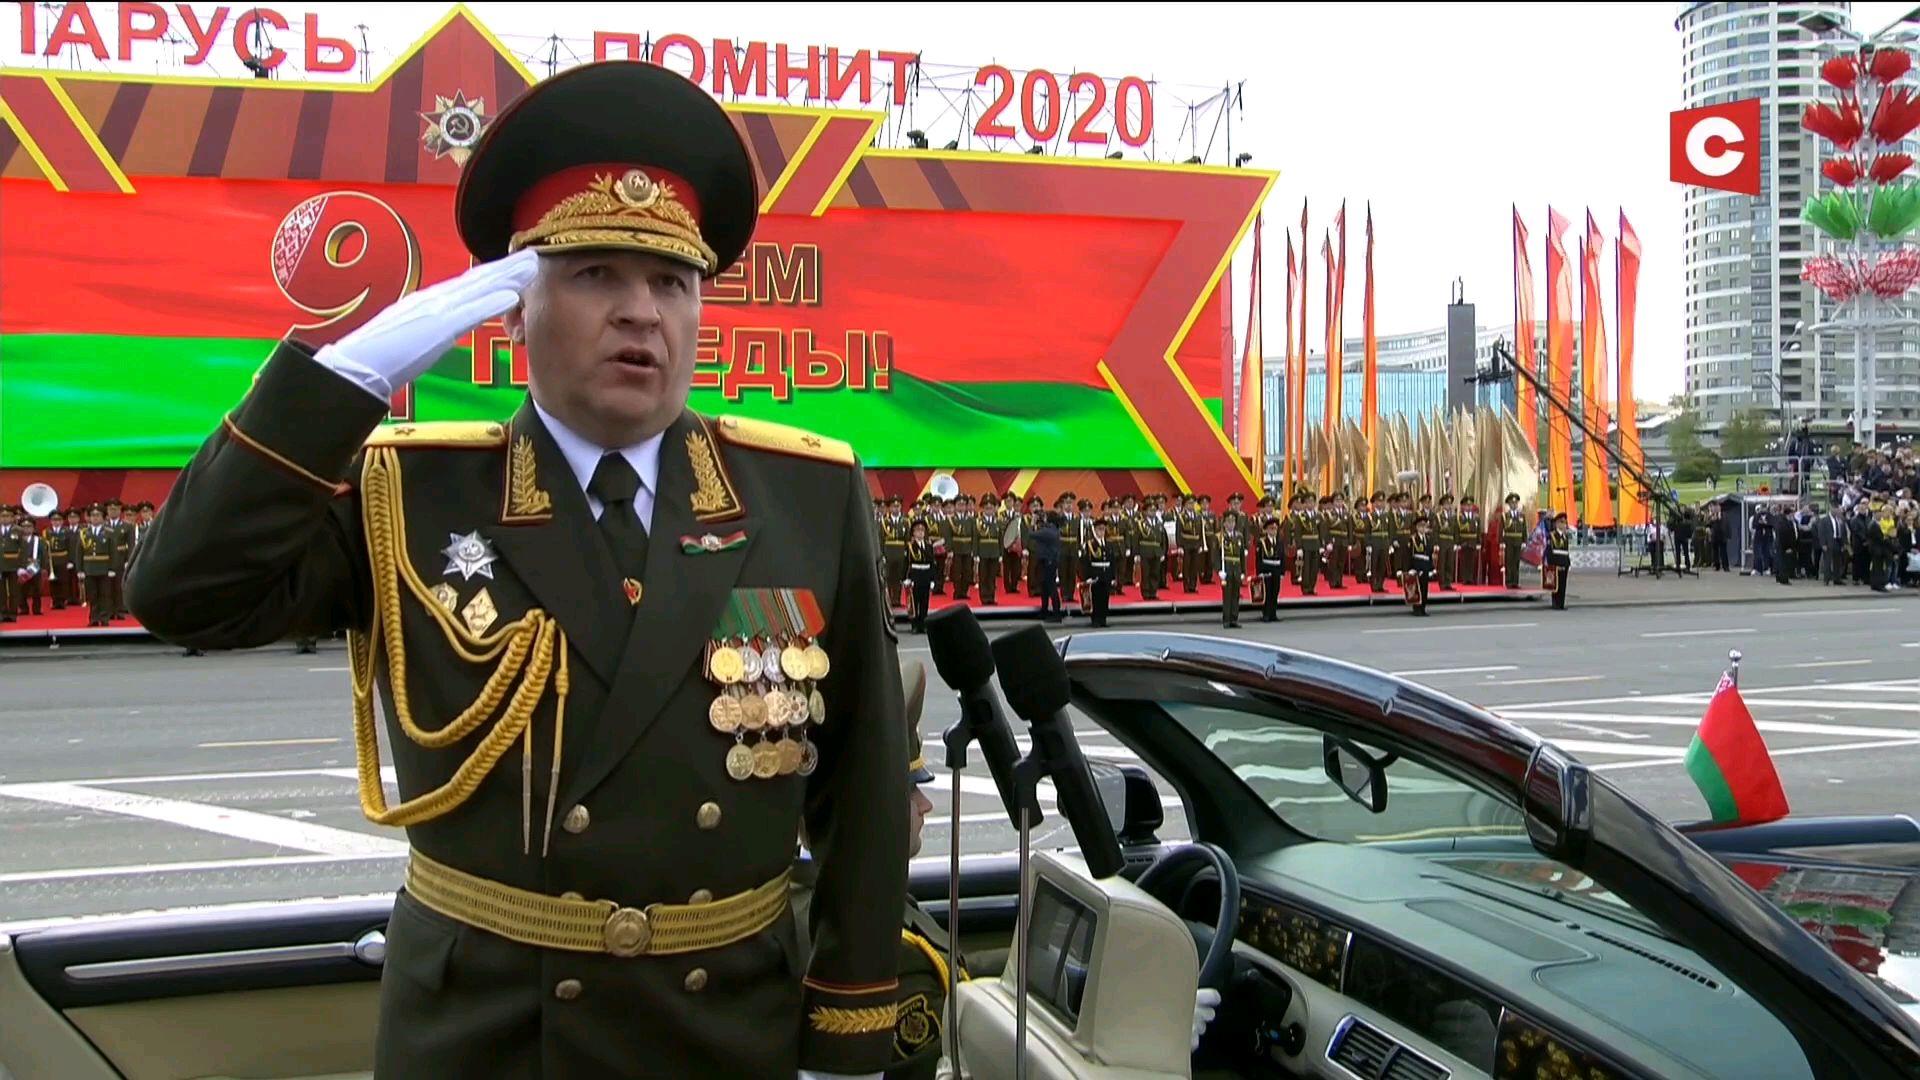 2020年白俄罗斯独立日阅兵仪式